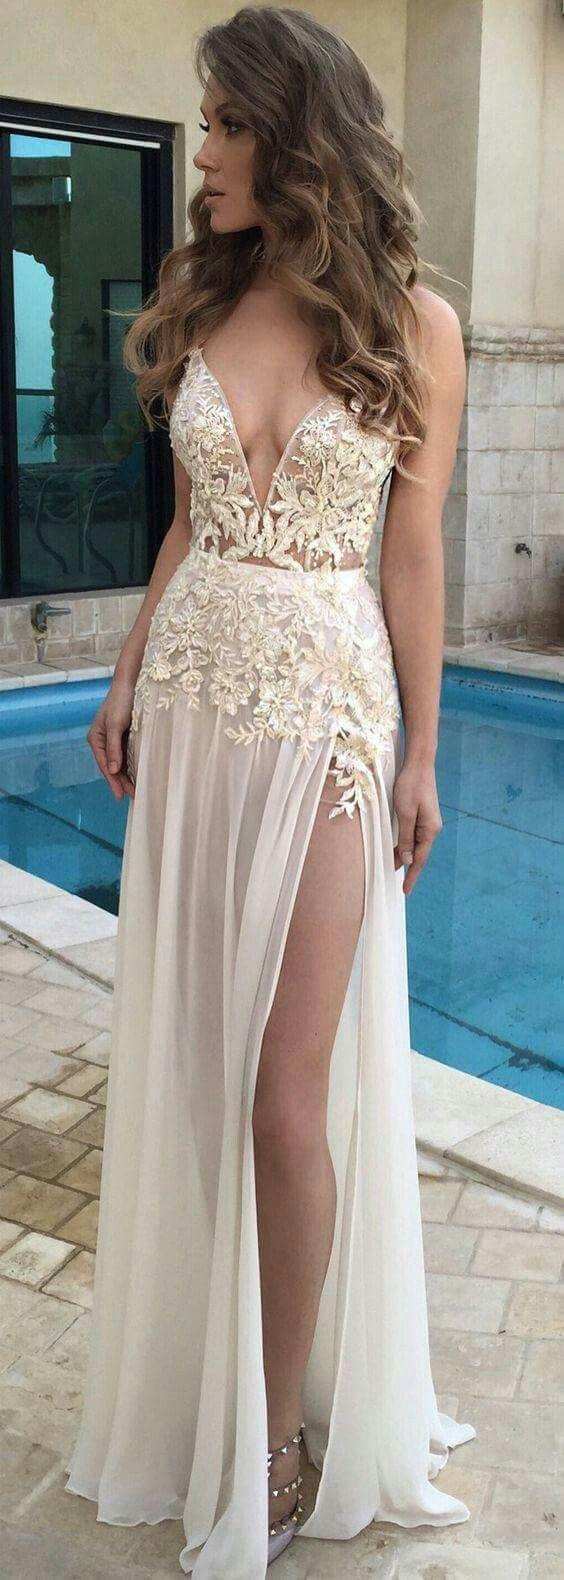 Transparente  #vestidos #deslumbrantes